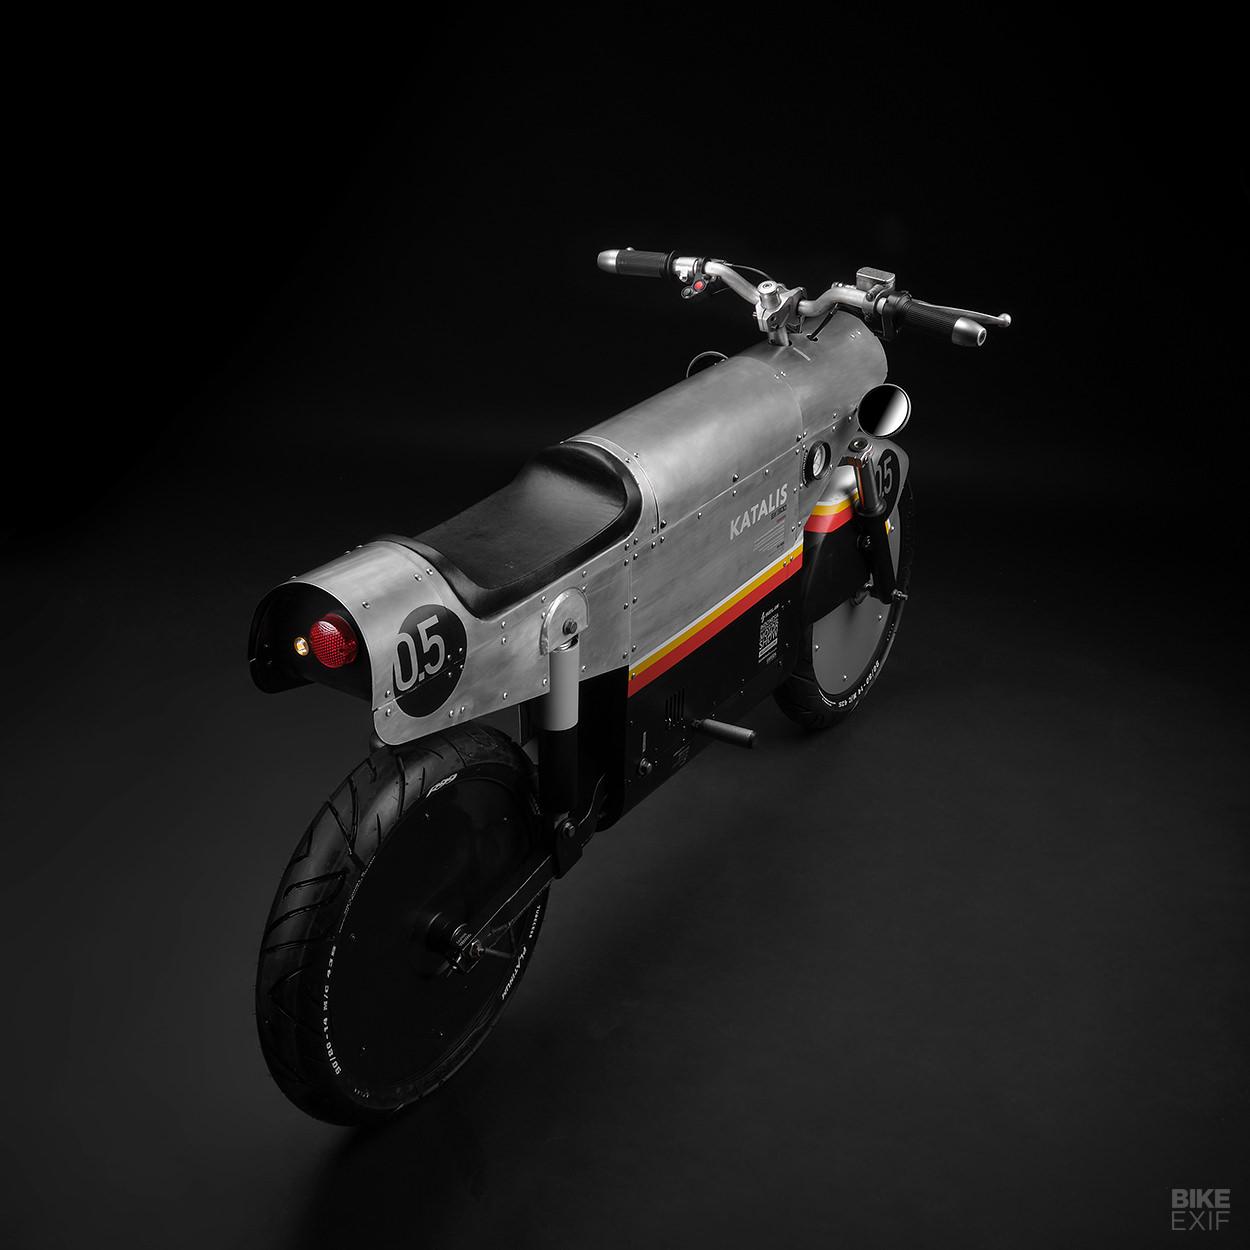 elektrische scooter, katalis ev 500, vliegtuig, woII